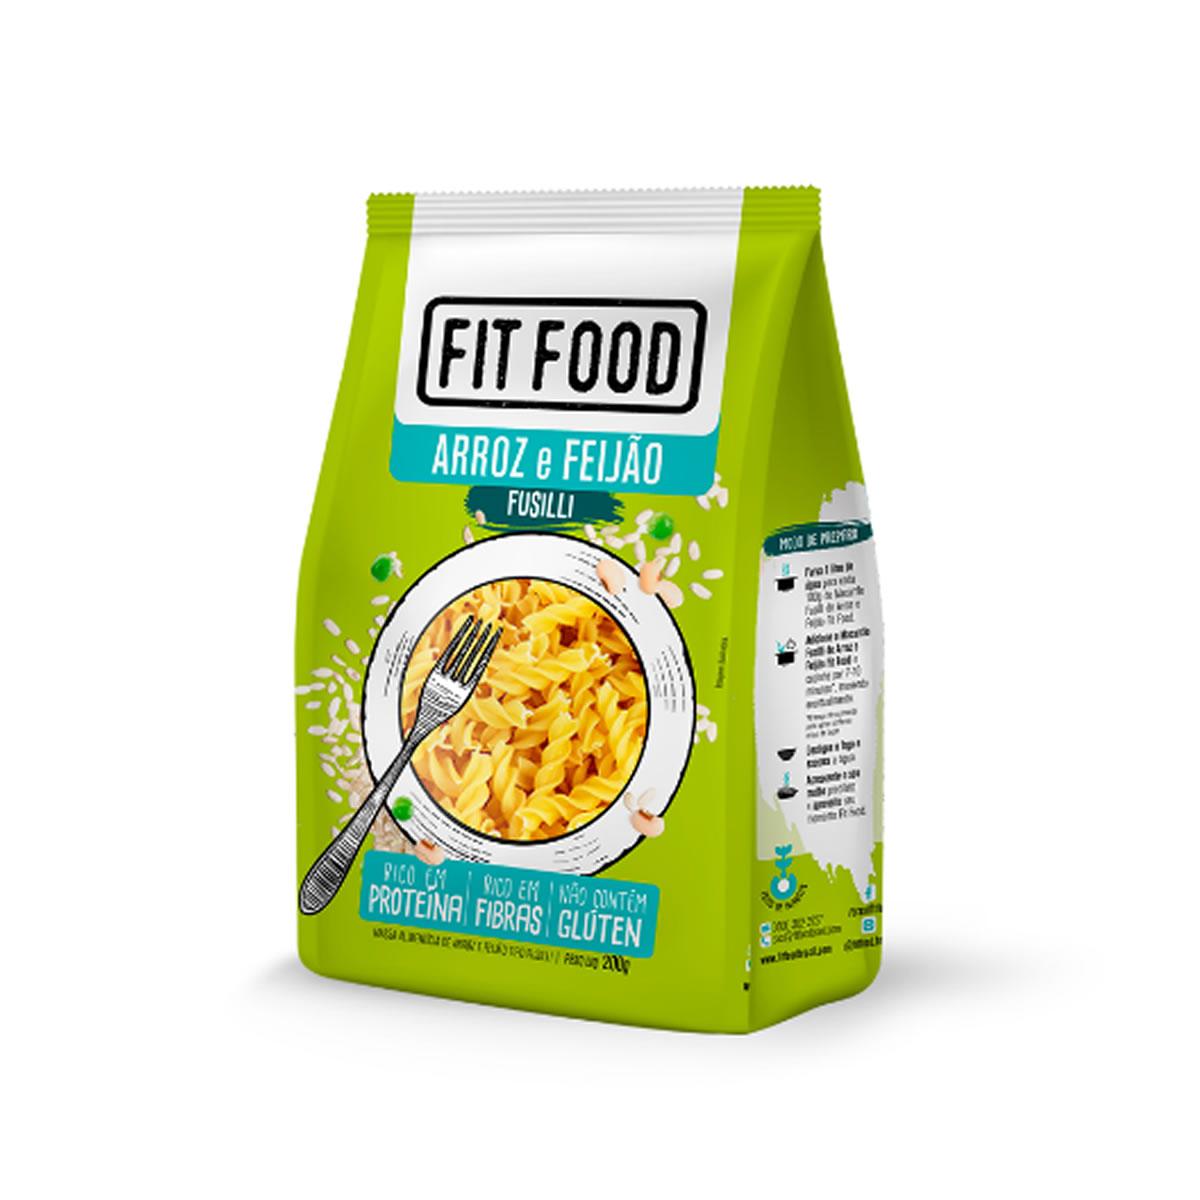 Macarrão Fusilli Arroz e Feijão 200g - Fit Food